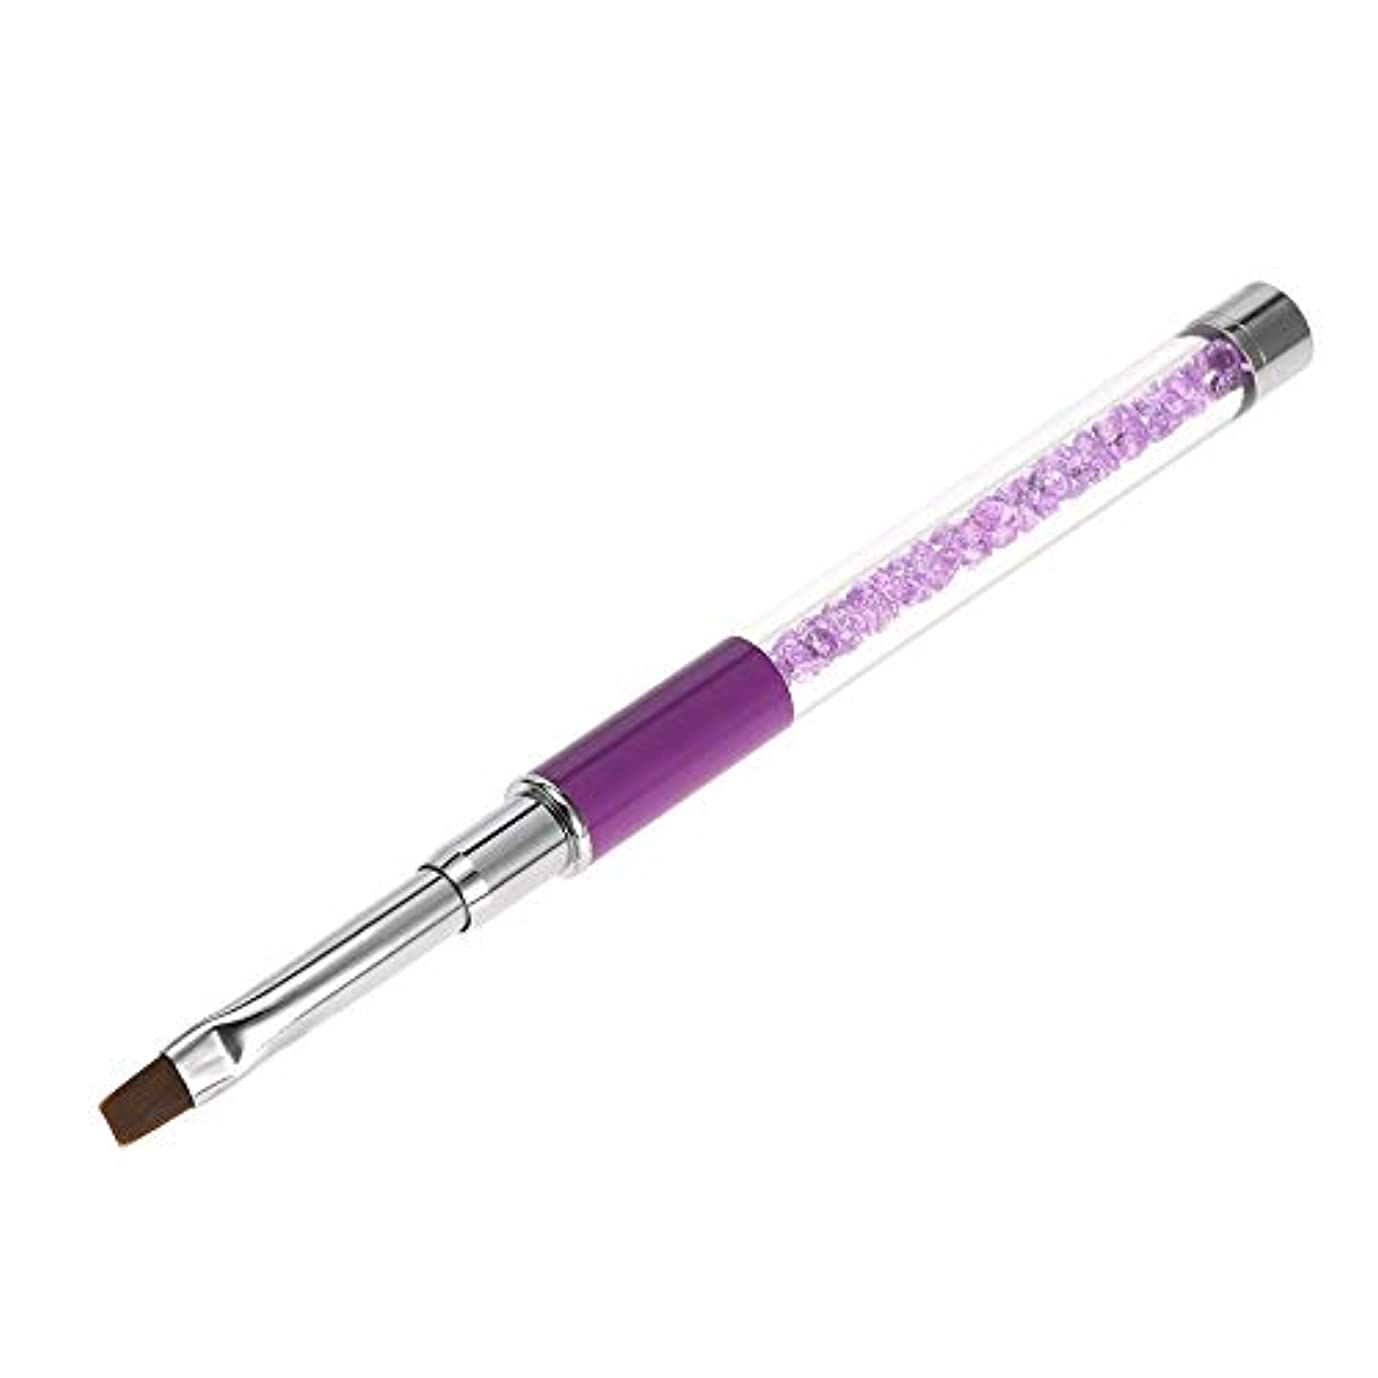 インスタンス願望巻き戻すネイルペン ネイルブラシ キラキラ おしゃれ ネイルアートペン ネイルアート筆 平筆 ネイルペン マニキュアツールキット ネイル用品